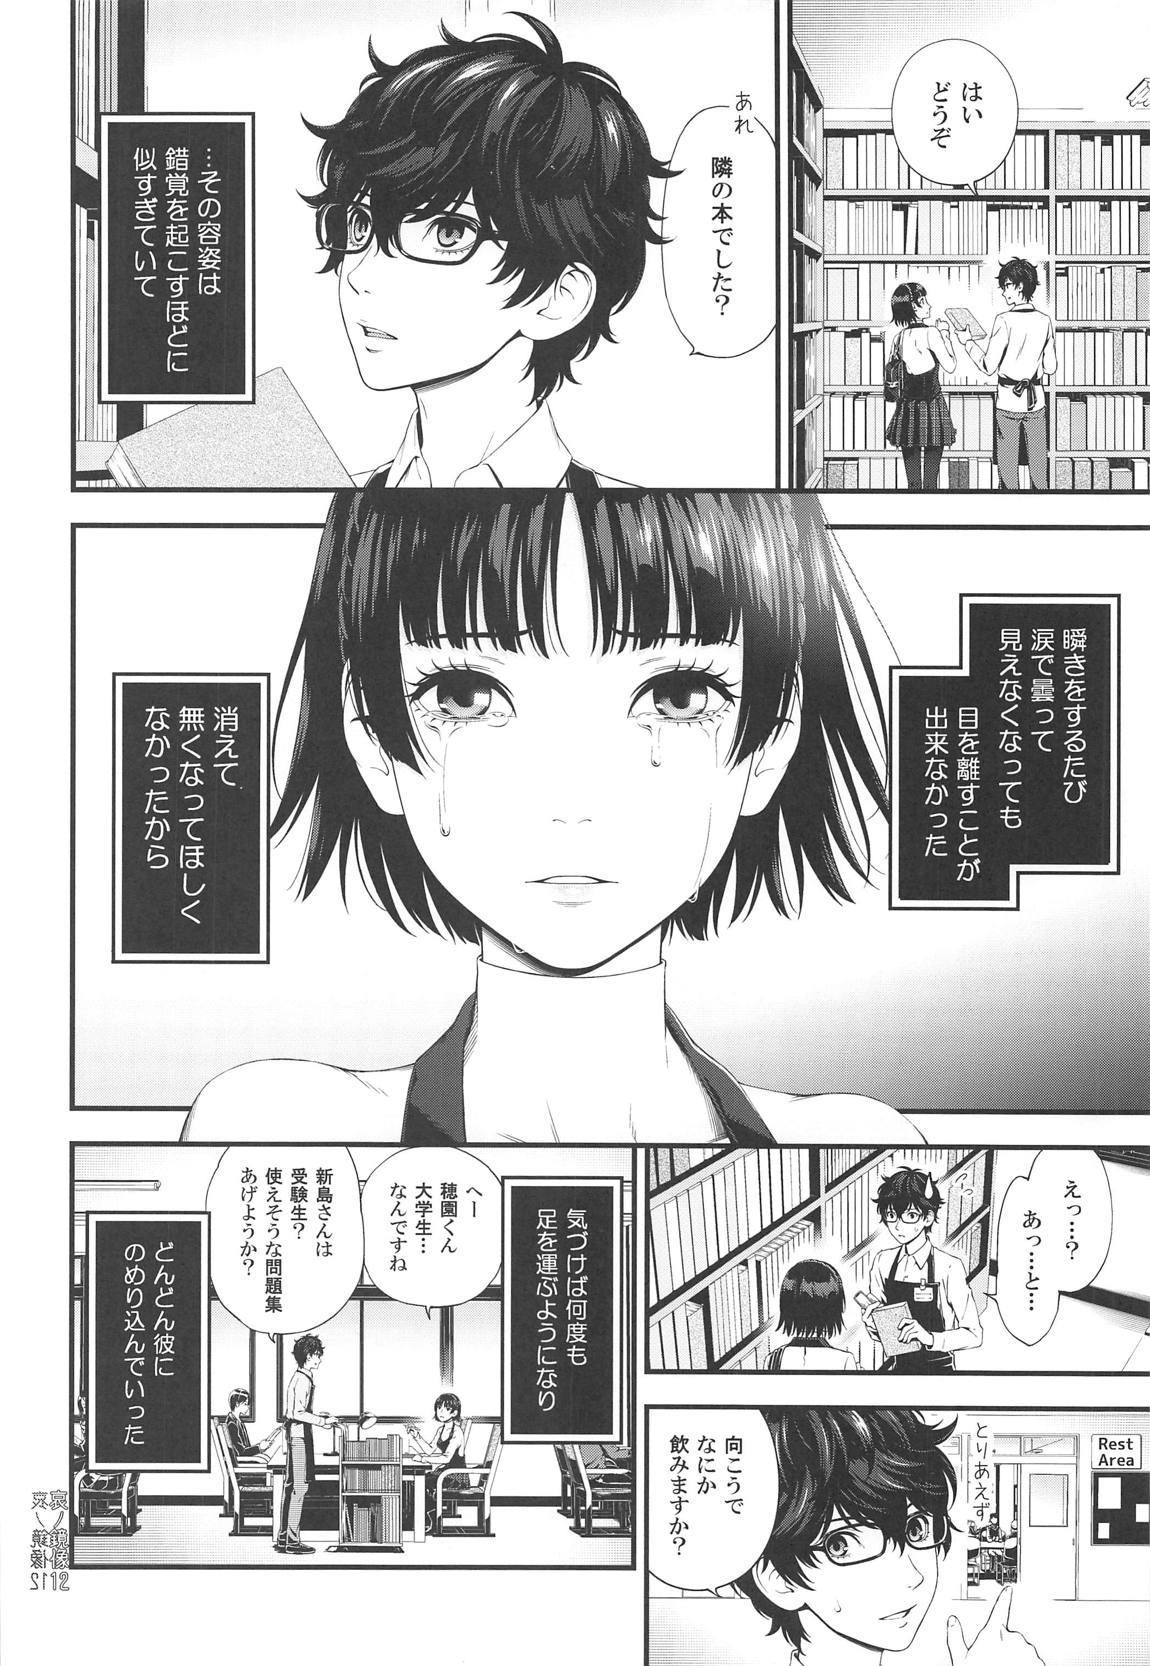 Ai no Kyouzou 10